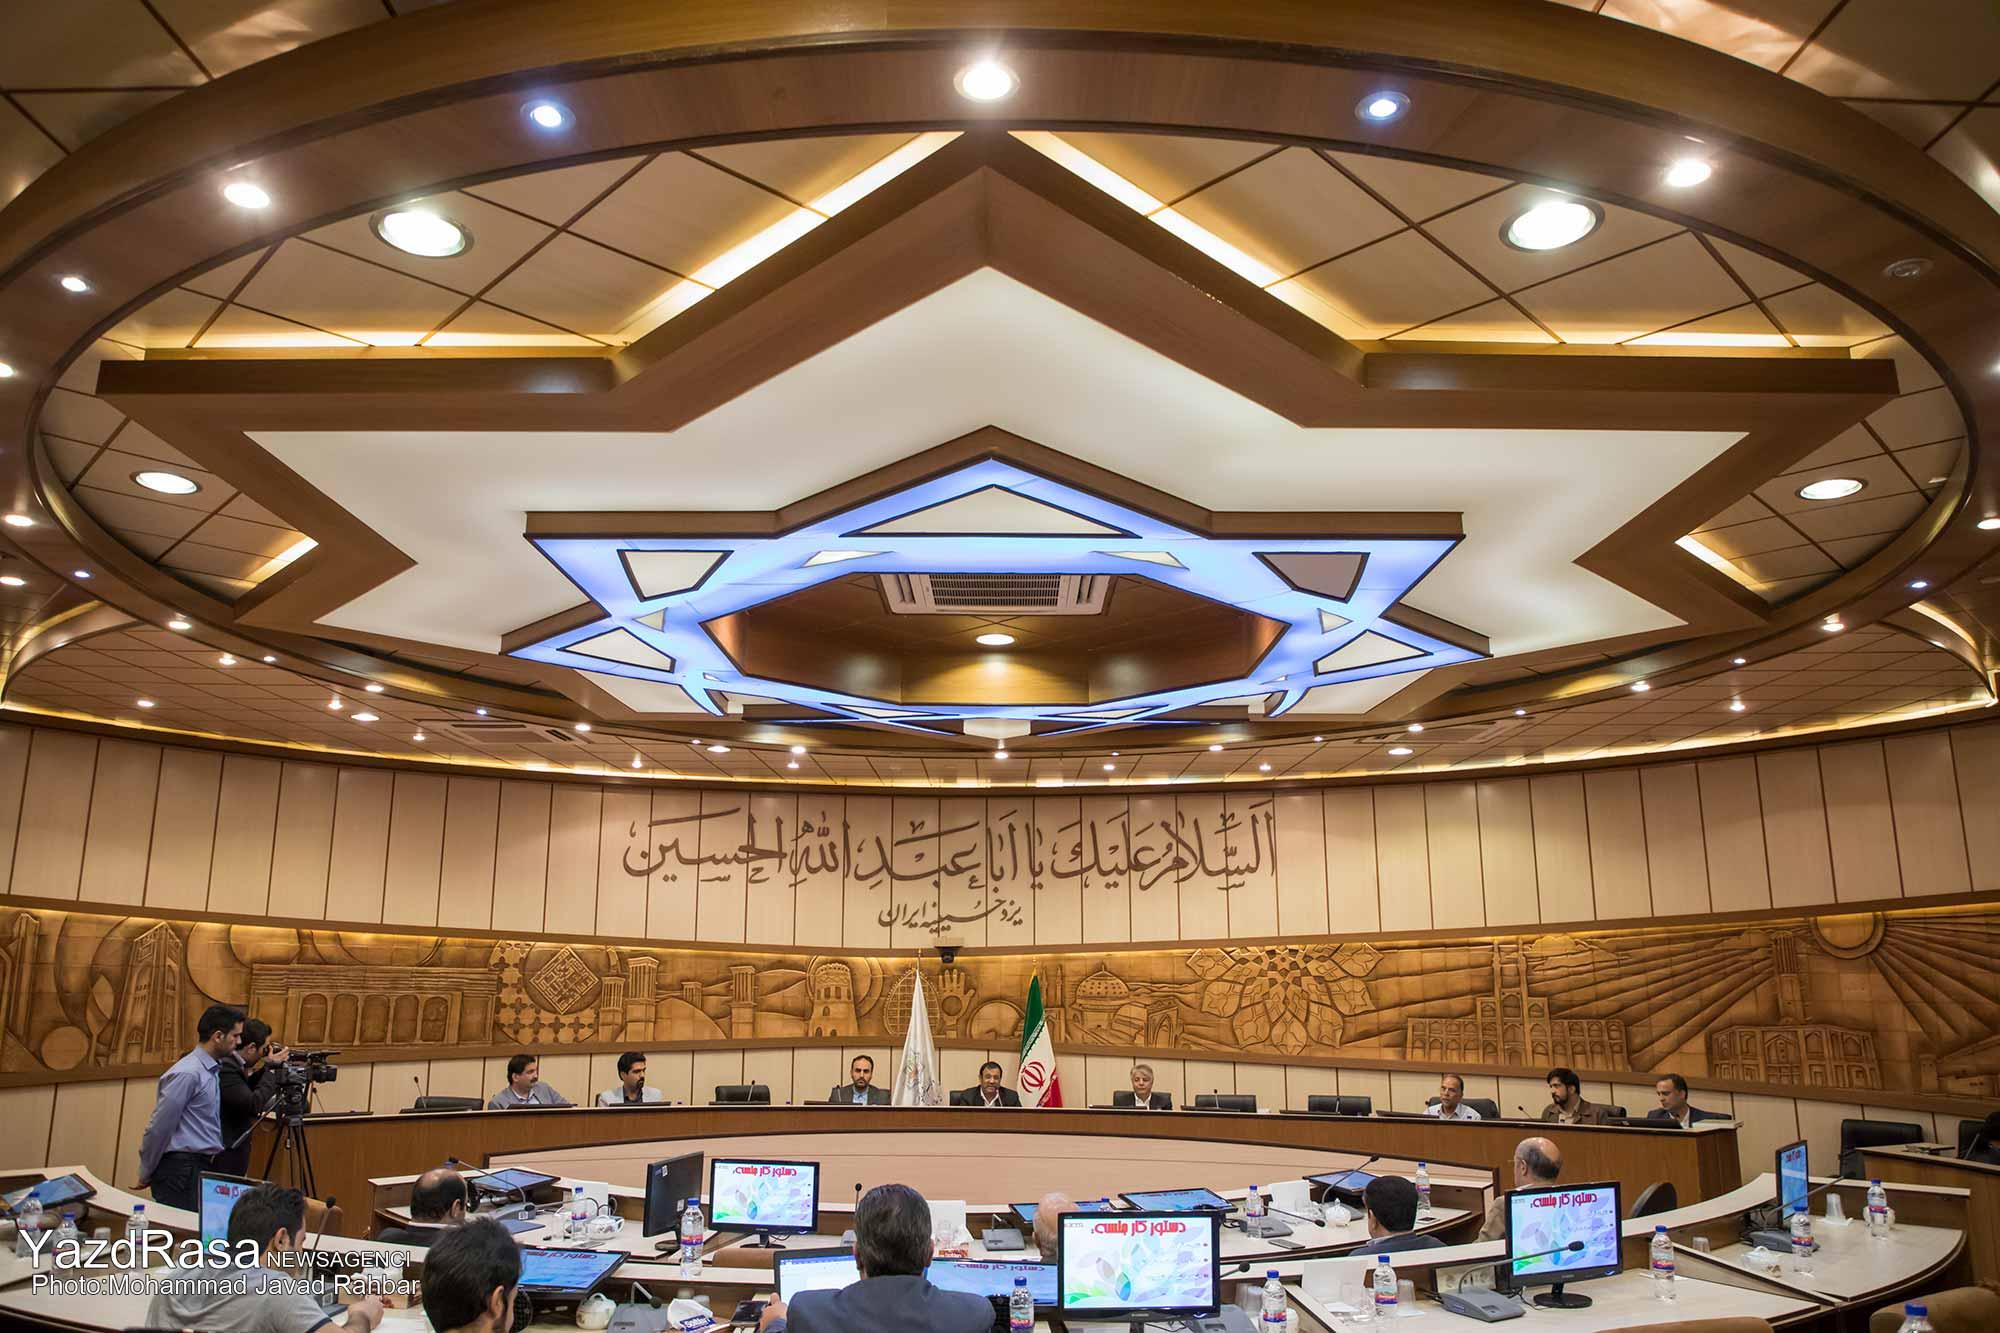 اولین جلسه رسمی شورای پنجم شهر یزد از نگاه دوربین